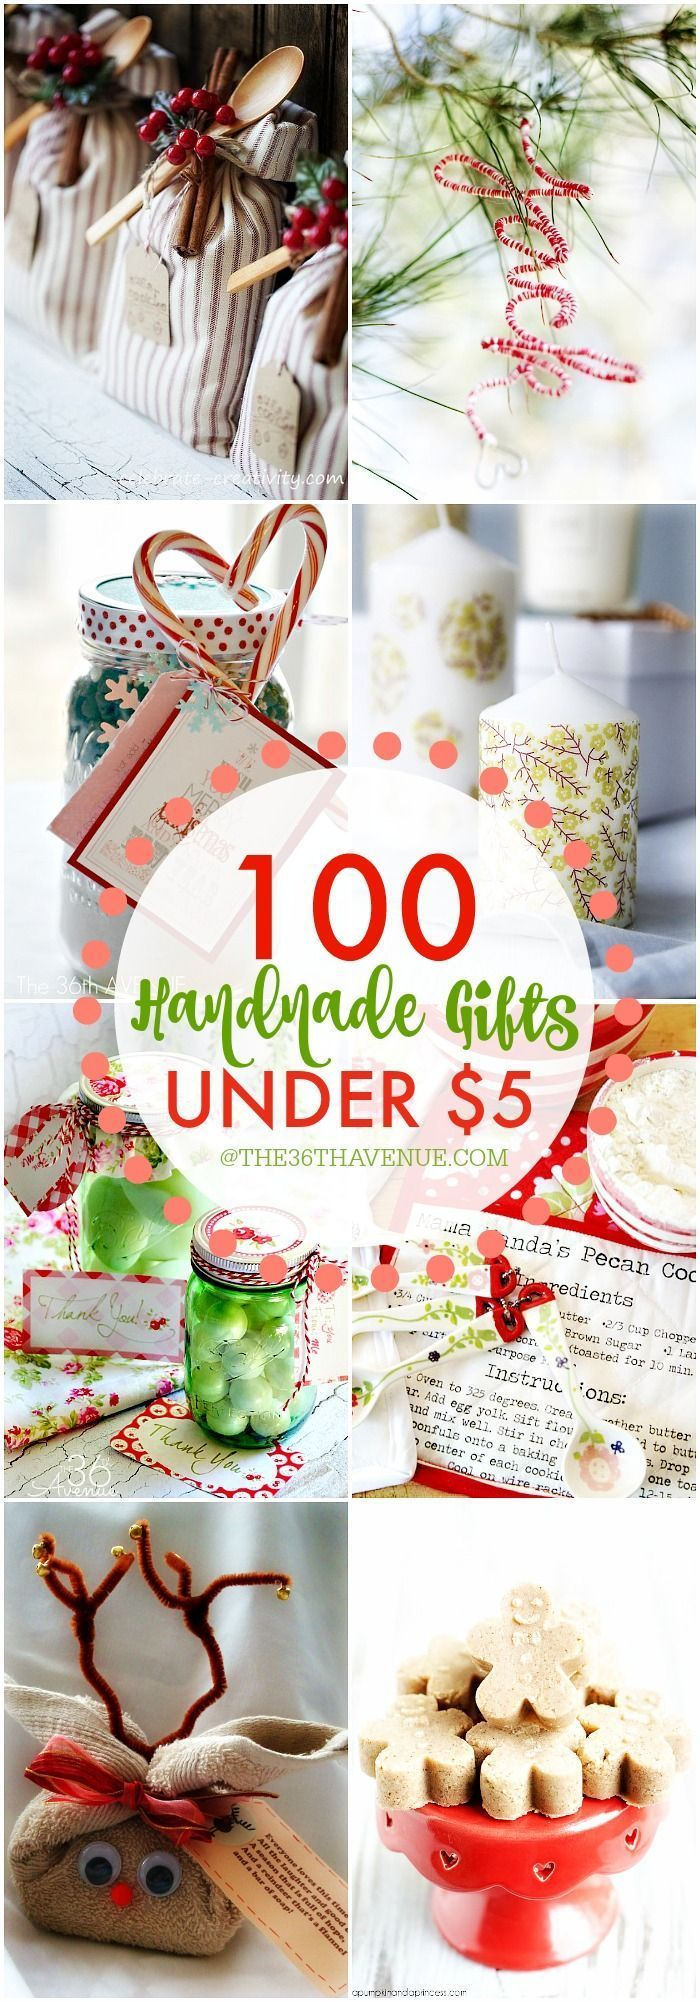 Edible Christmas Gifts | Christmas: Gifts to Make | Pinterest ...